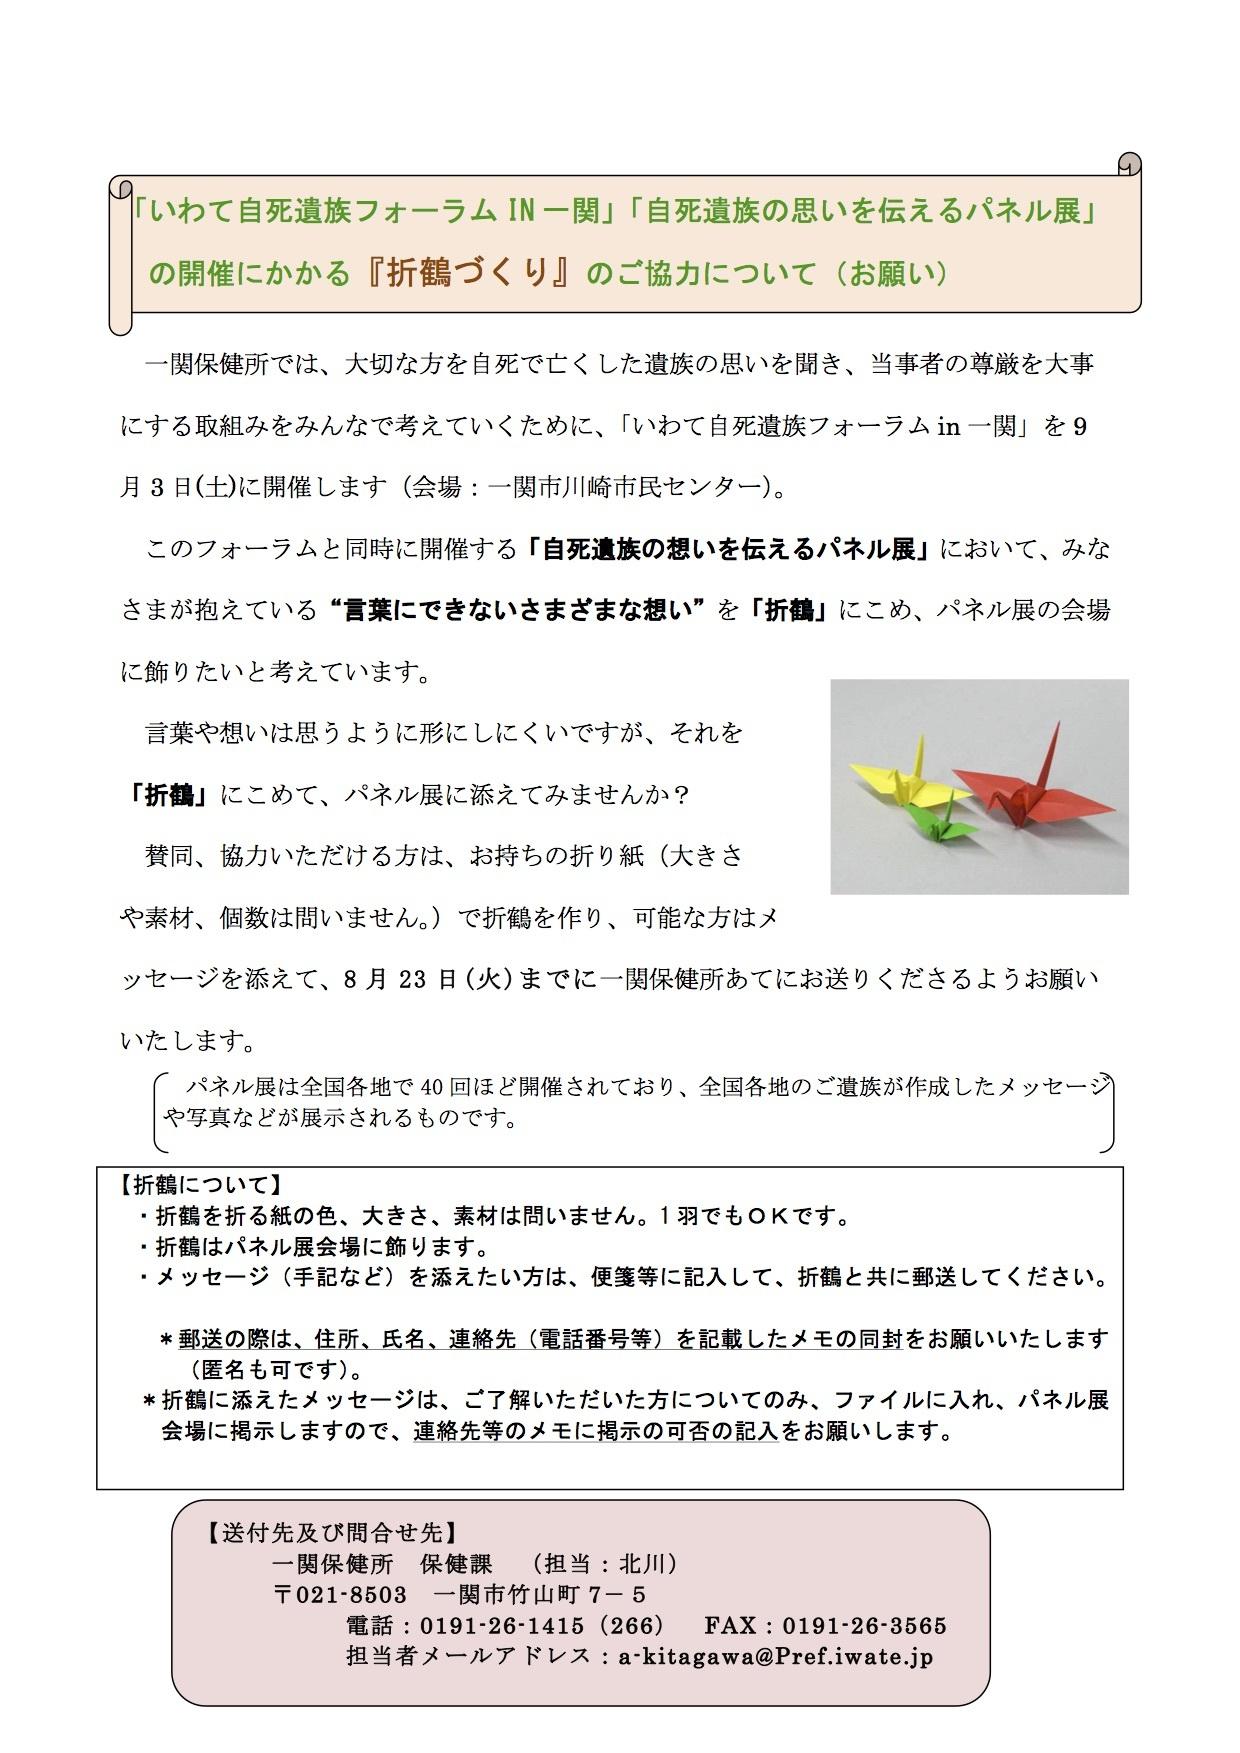 自死遺族の想いを伝えるパネル展「折鶴づくり」のご協力について_a0103650_23513285.jpg